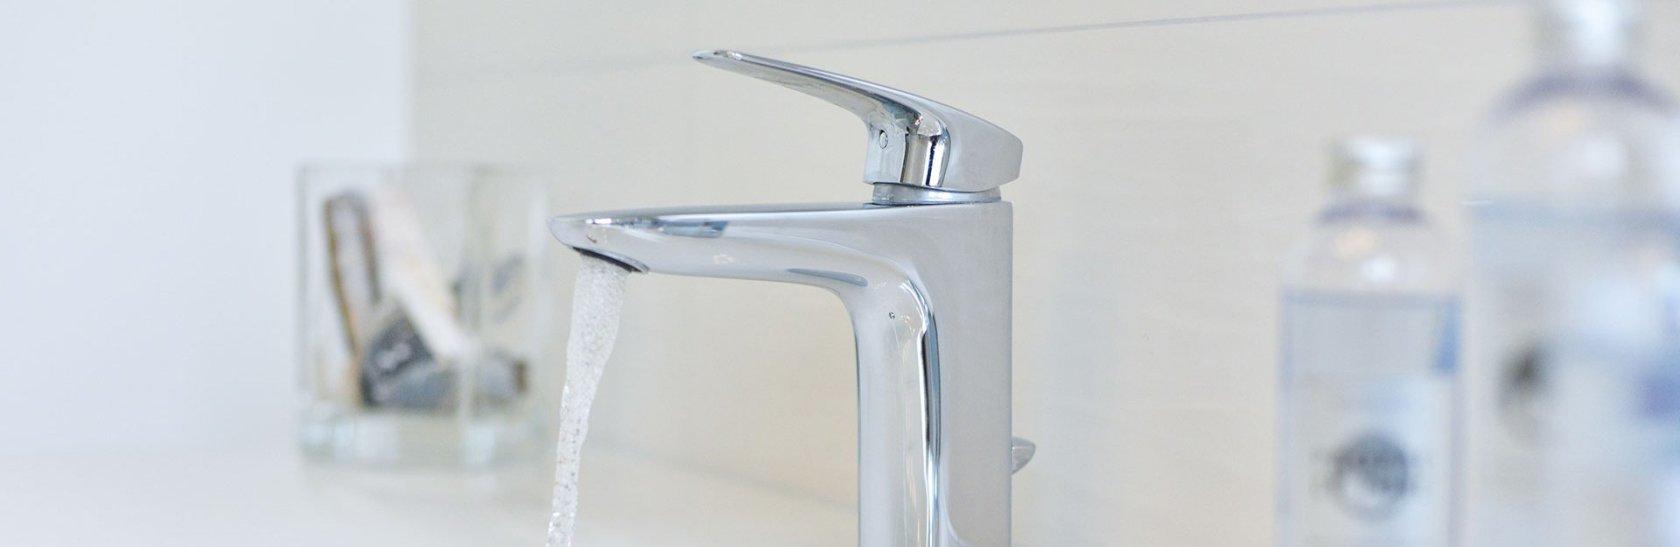 Heizung-Badezimmer-Armatur-Referenz   NOWAK GmbH Bergisch Gladbach